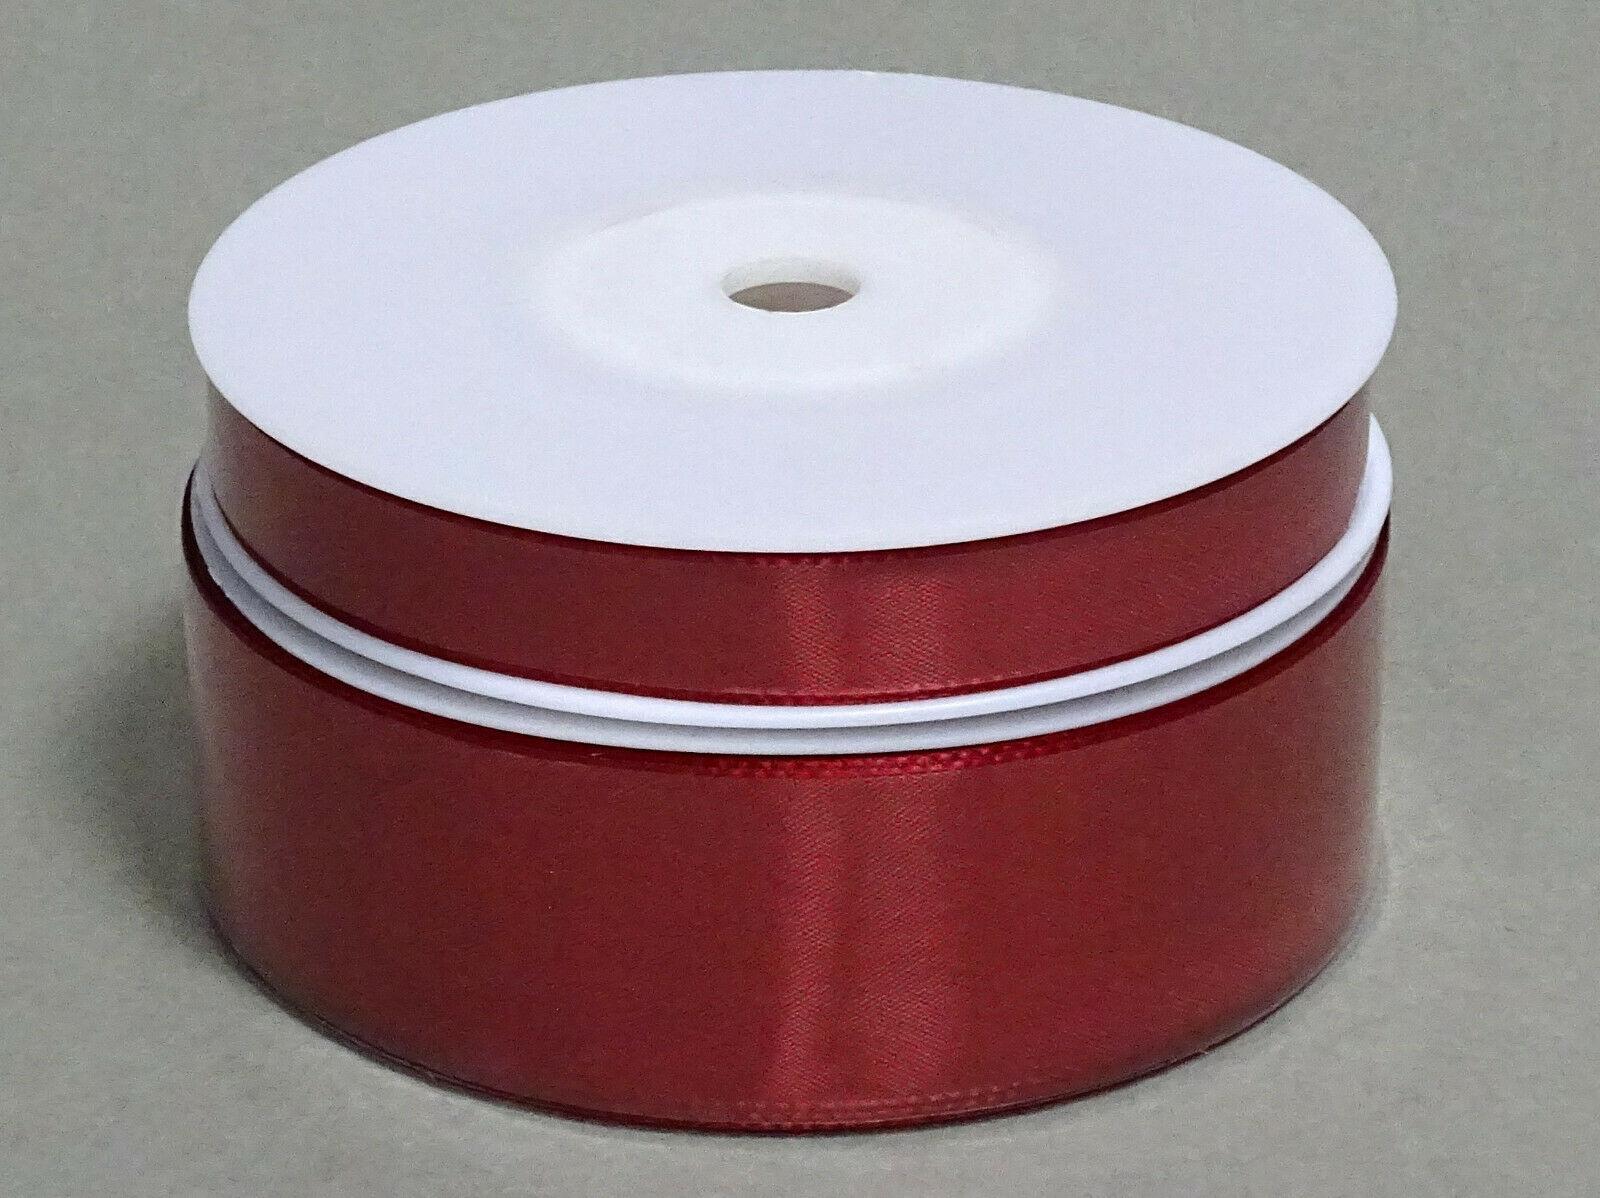 Seidenband Schleifenband 50 m x 15 / 25 / 40mm Dekoband ab 0,08€/m Geschenkband  - Bordeaux 124, 40 mm x 50 m